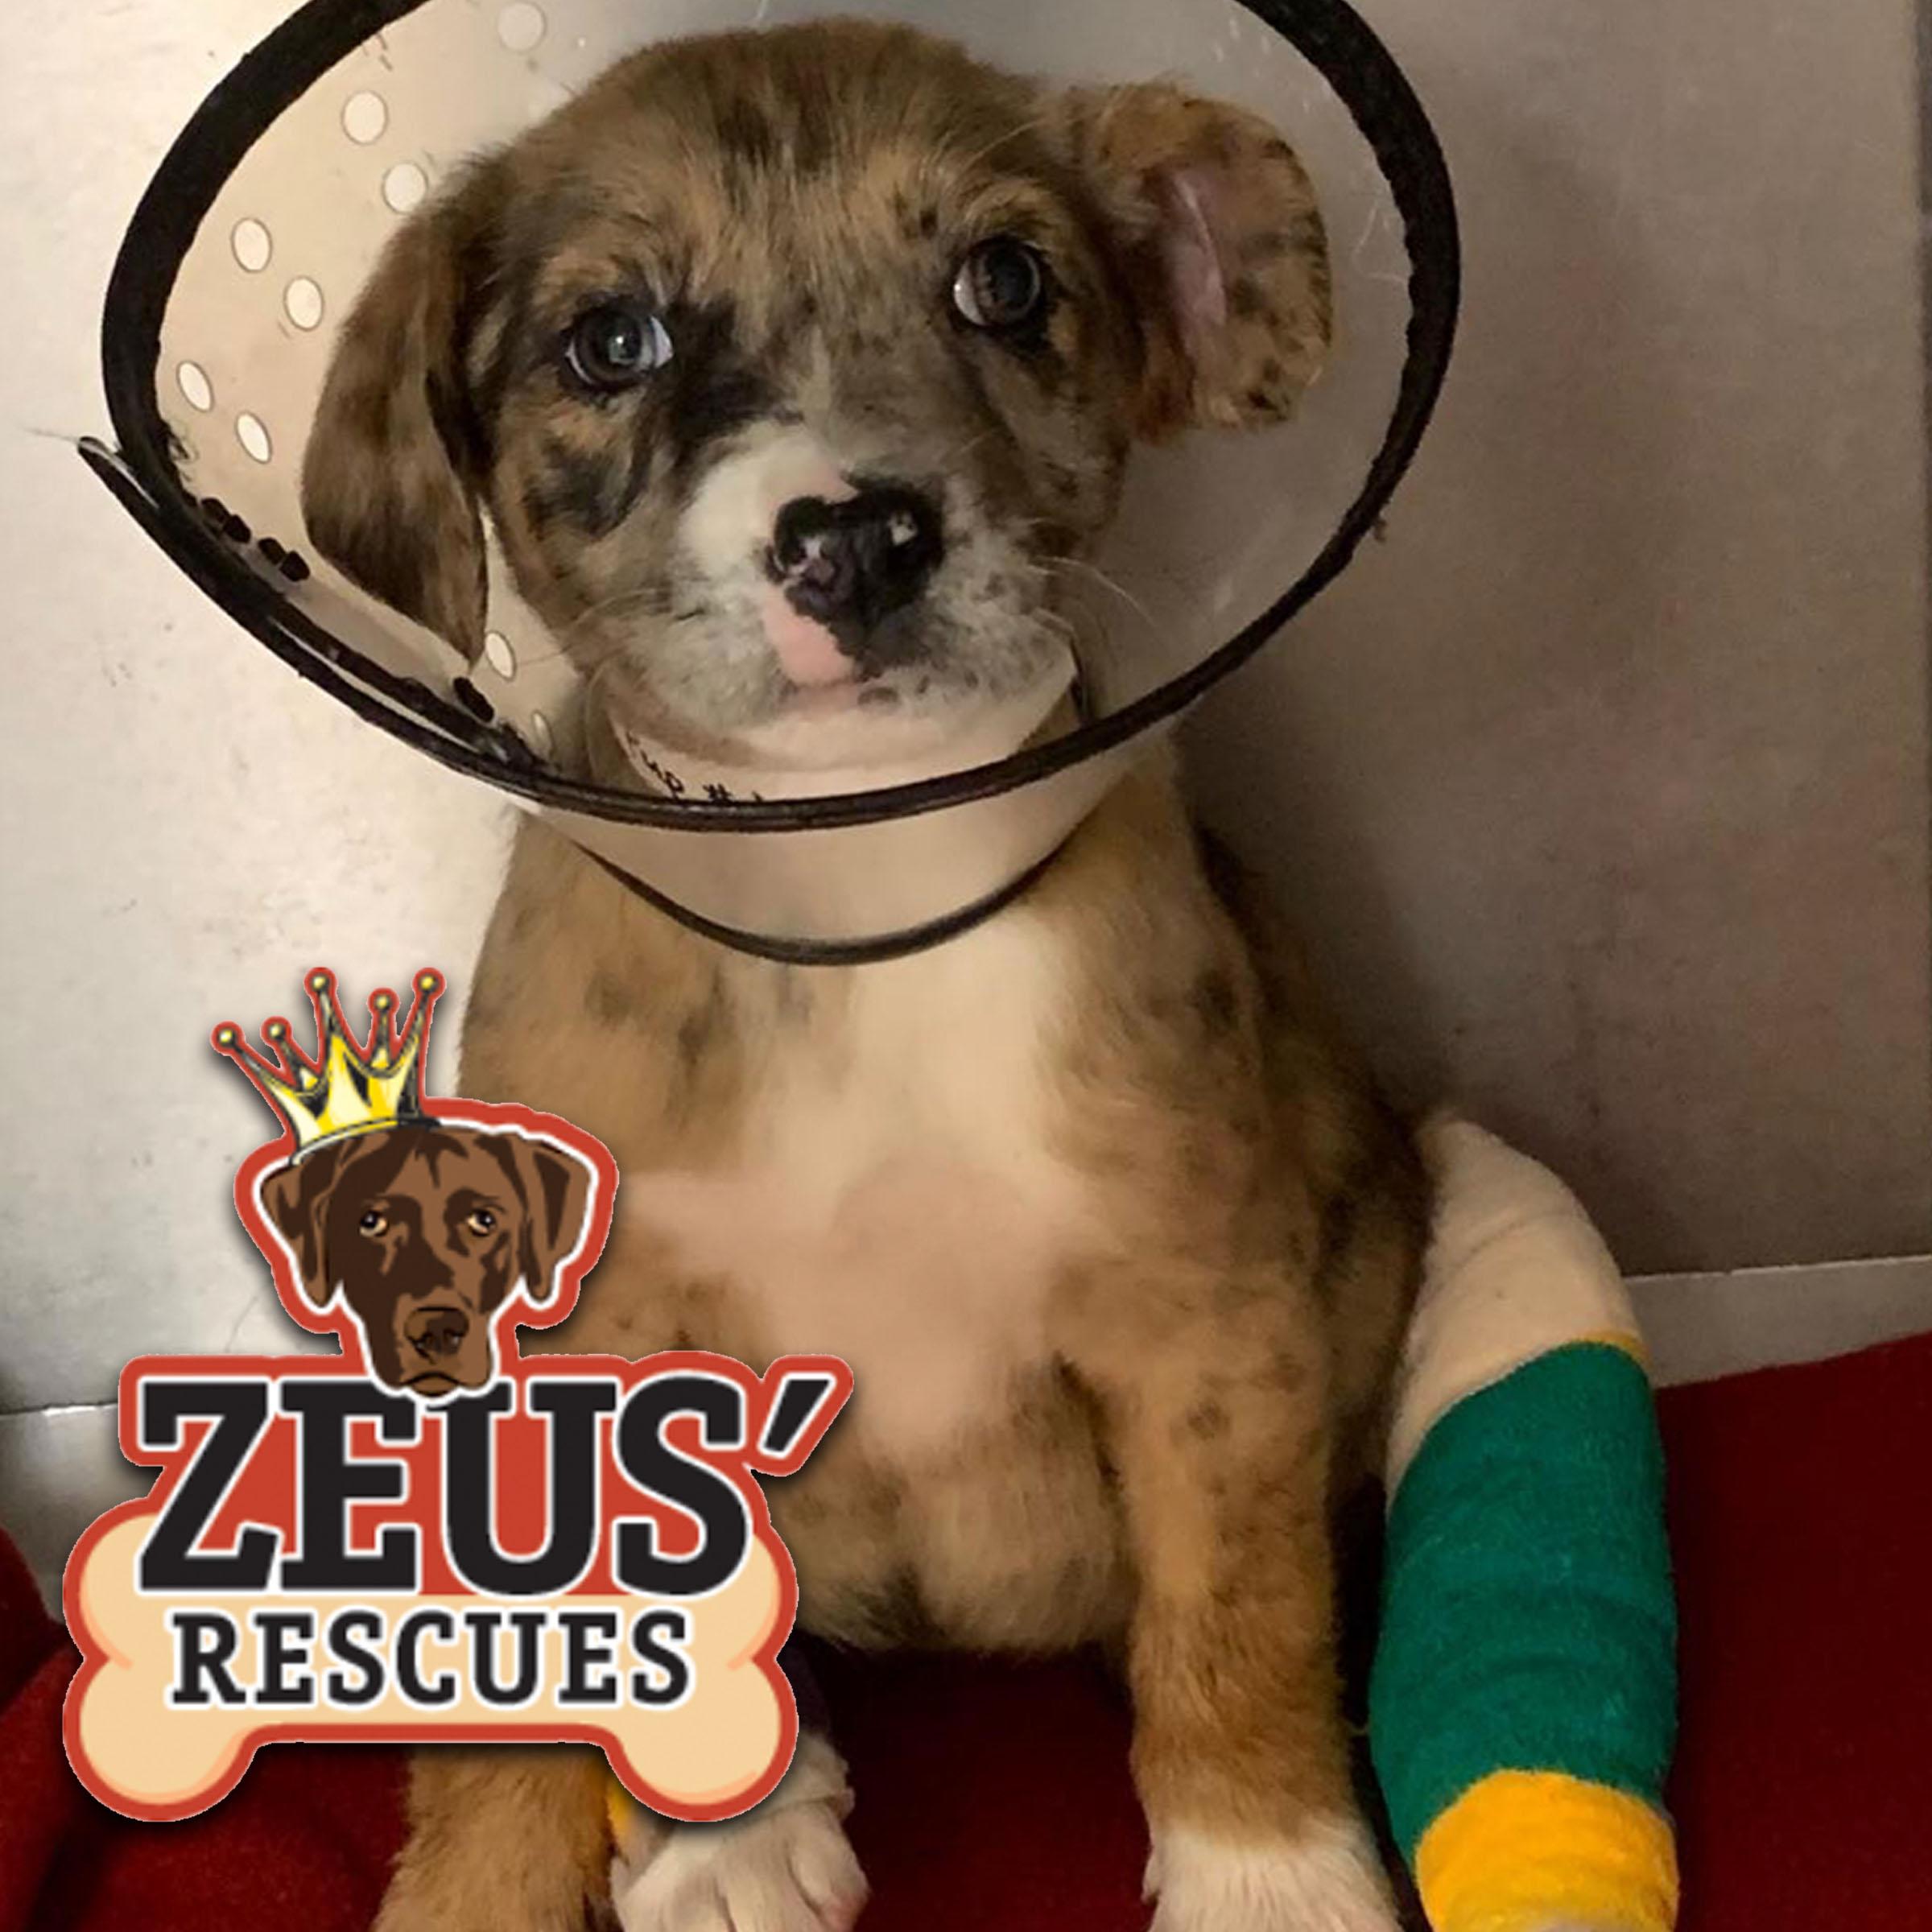 Zeus' Rescues - @zeusrescues